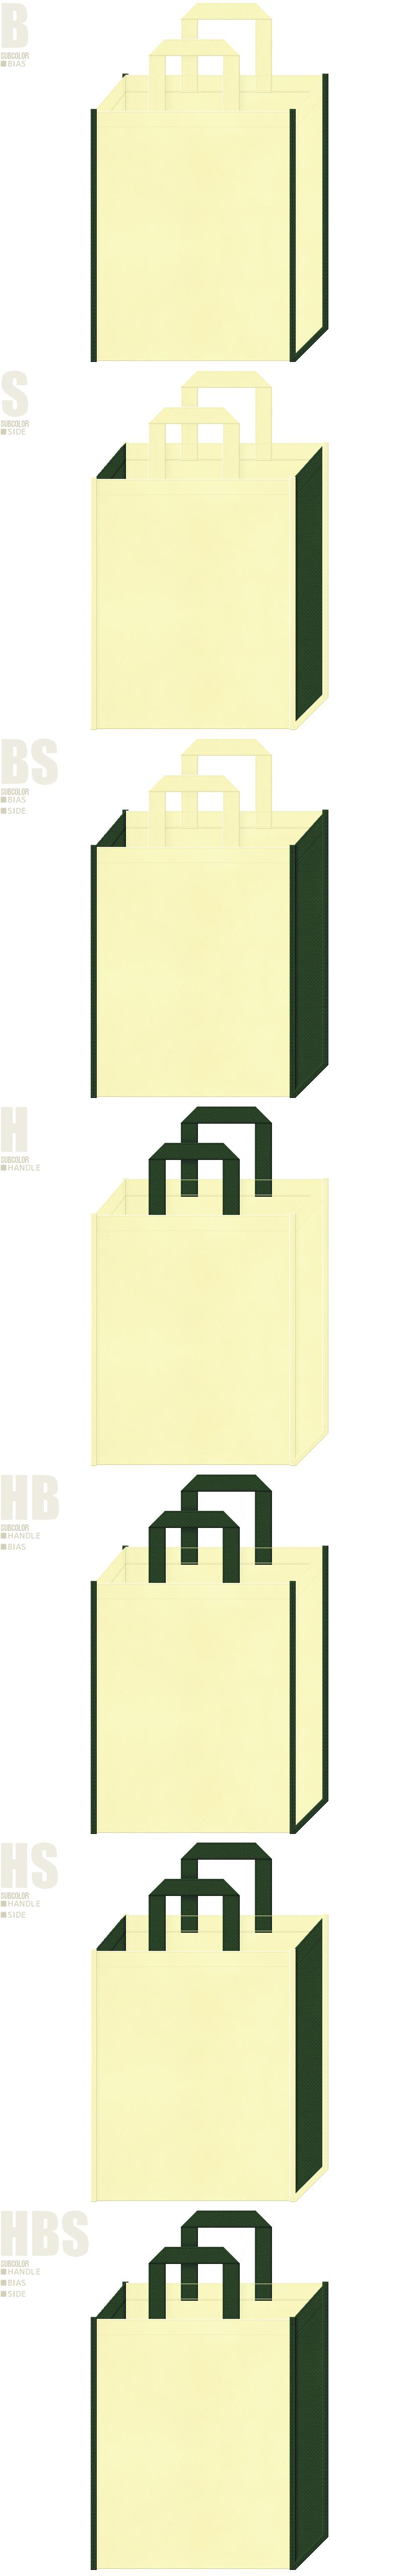 学校・オープンキャンパス・学習塾・レッスンバッグにお奨めの不織布バッグデザイン:薄黄色と濃緑色の配色7パターン。